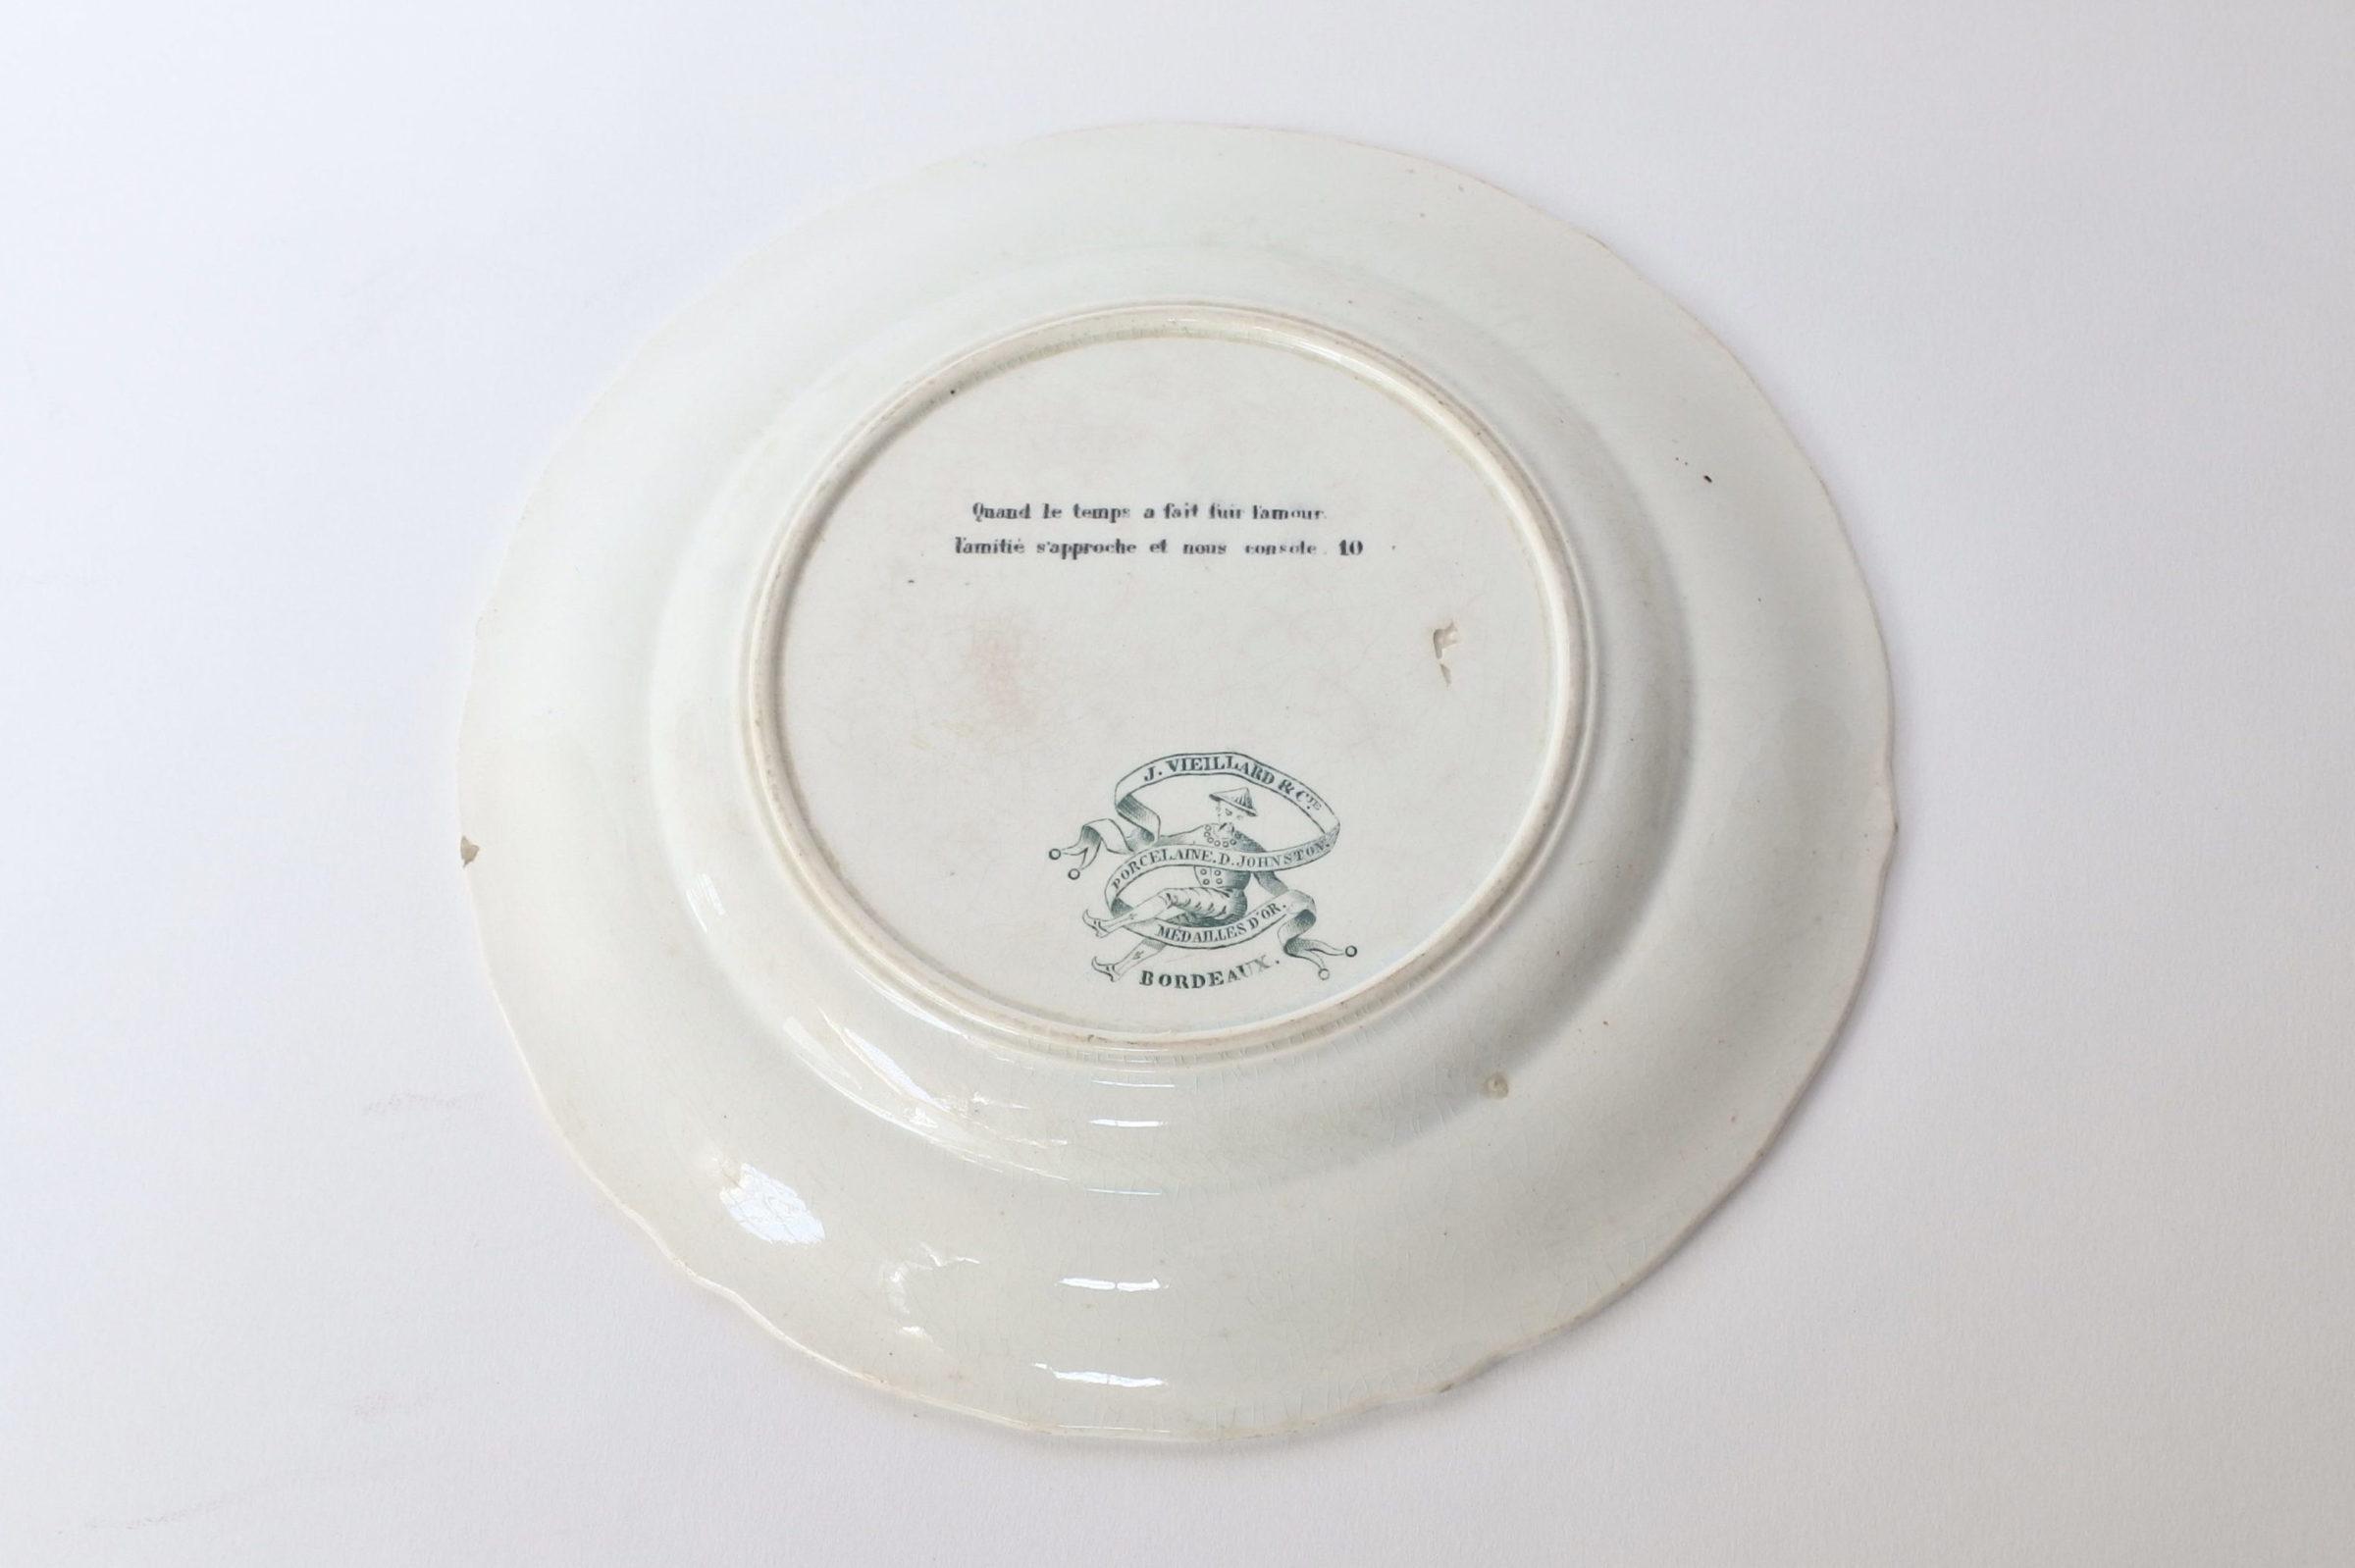 Piatto in ceramica con cornice verde decorato con rebus - decoro n° 10 - 2